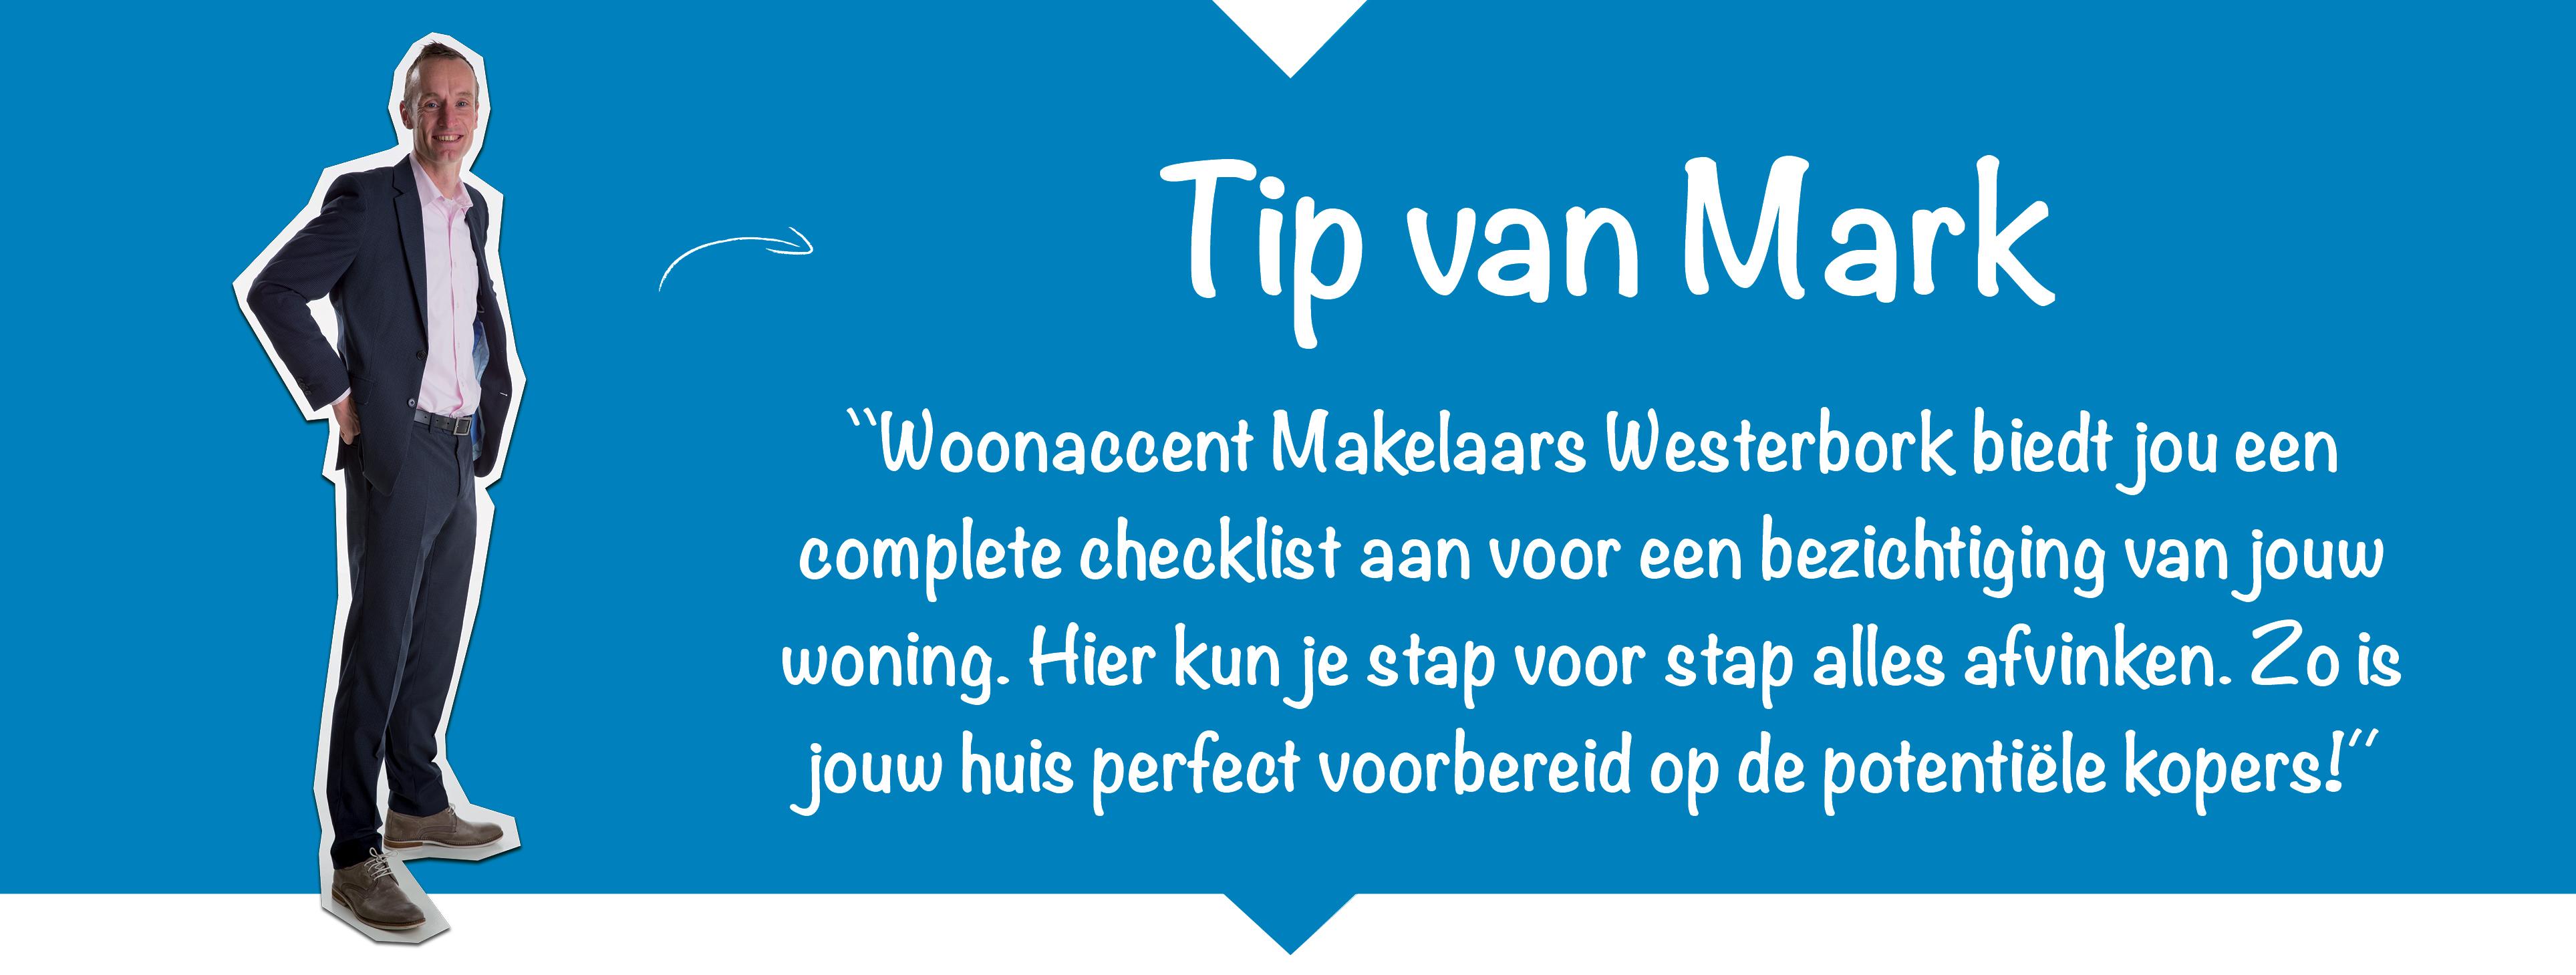 Woonaccent Makelaars Westerbork bereidt jouw huis perfect voor op potentiële kopers